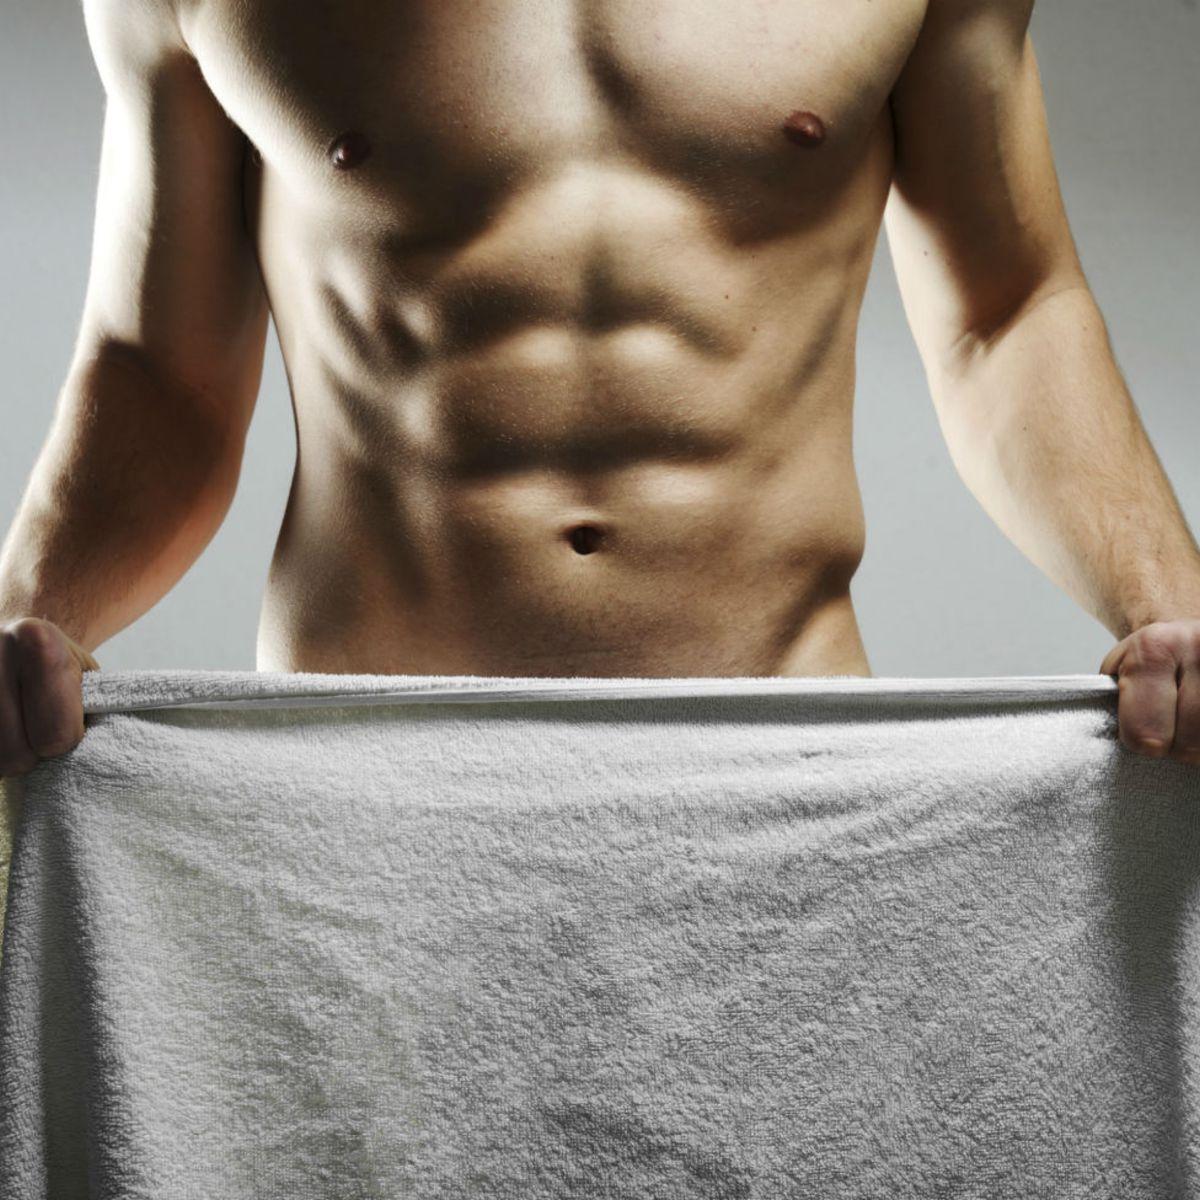 erekció hátfájás a fokhagyma javítja az erekciót